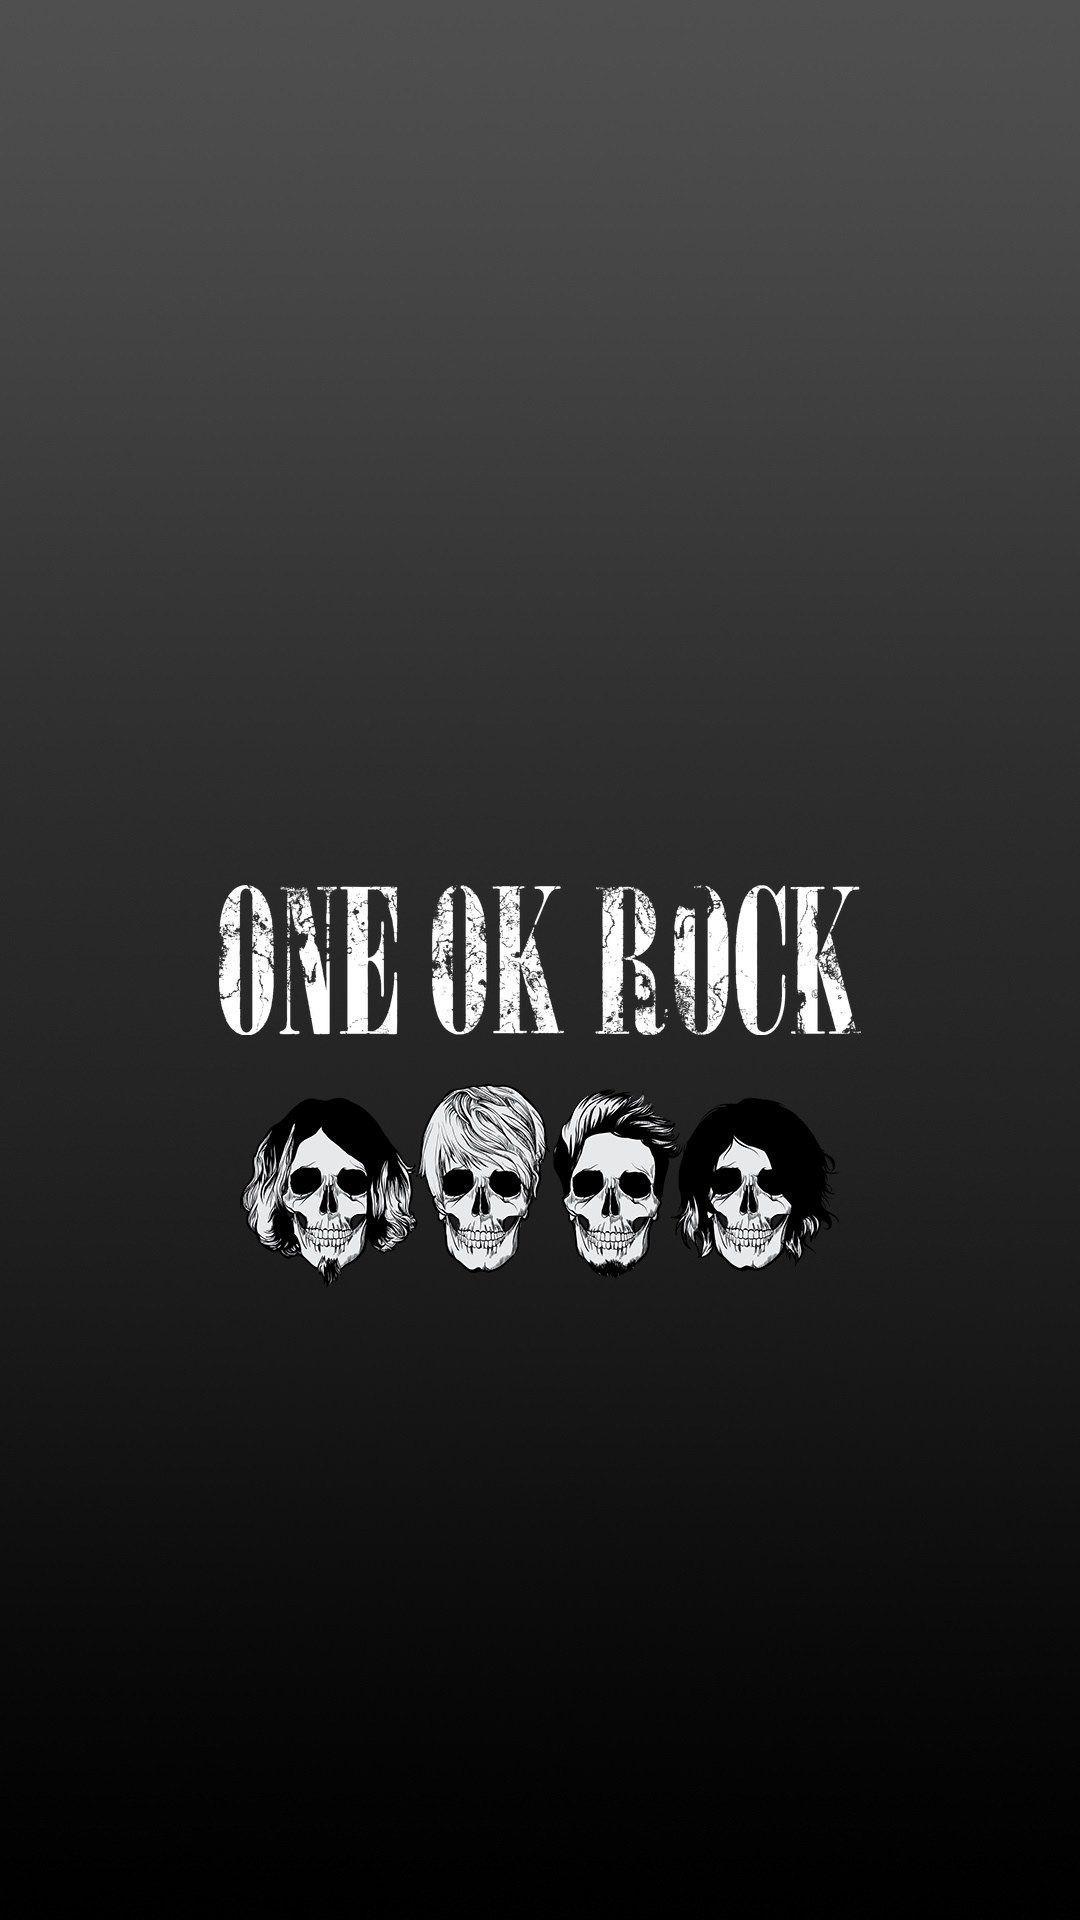 人気バンドONE OK ROCKの高画質スマホ壁紙